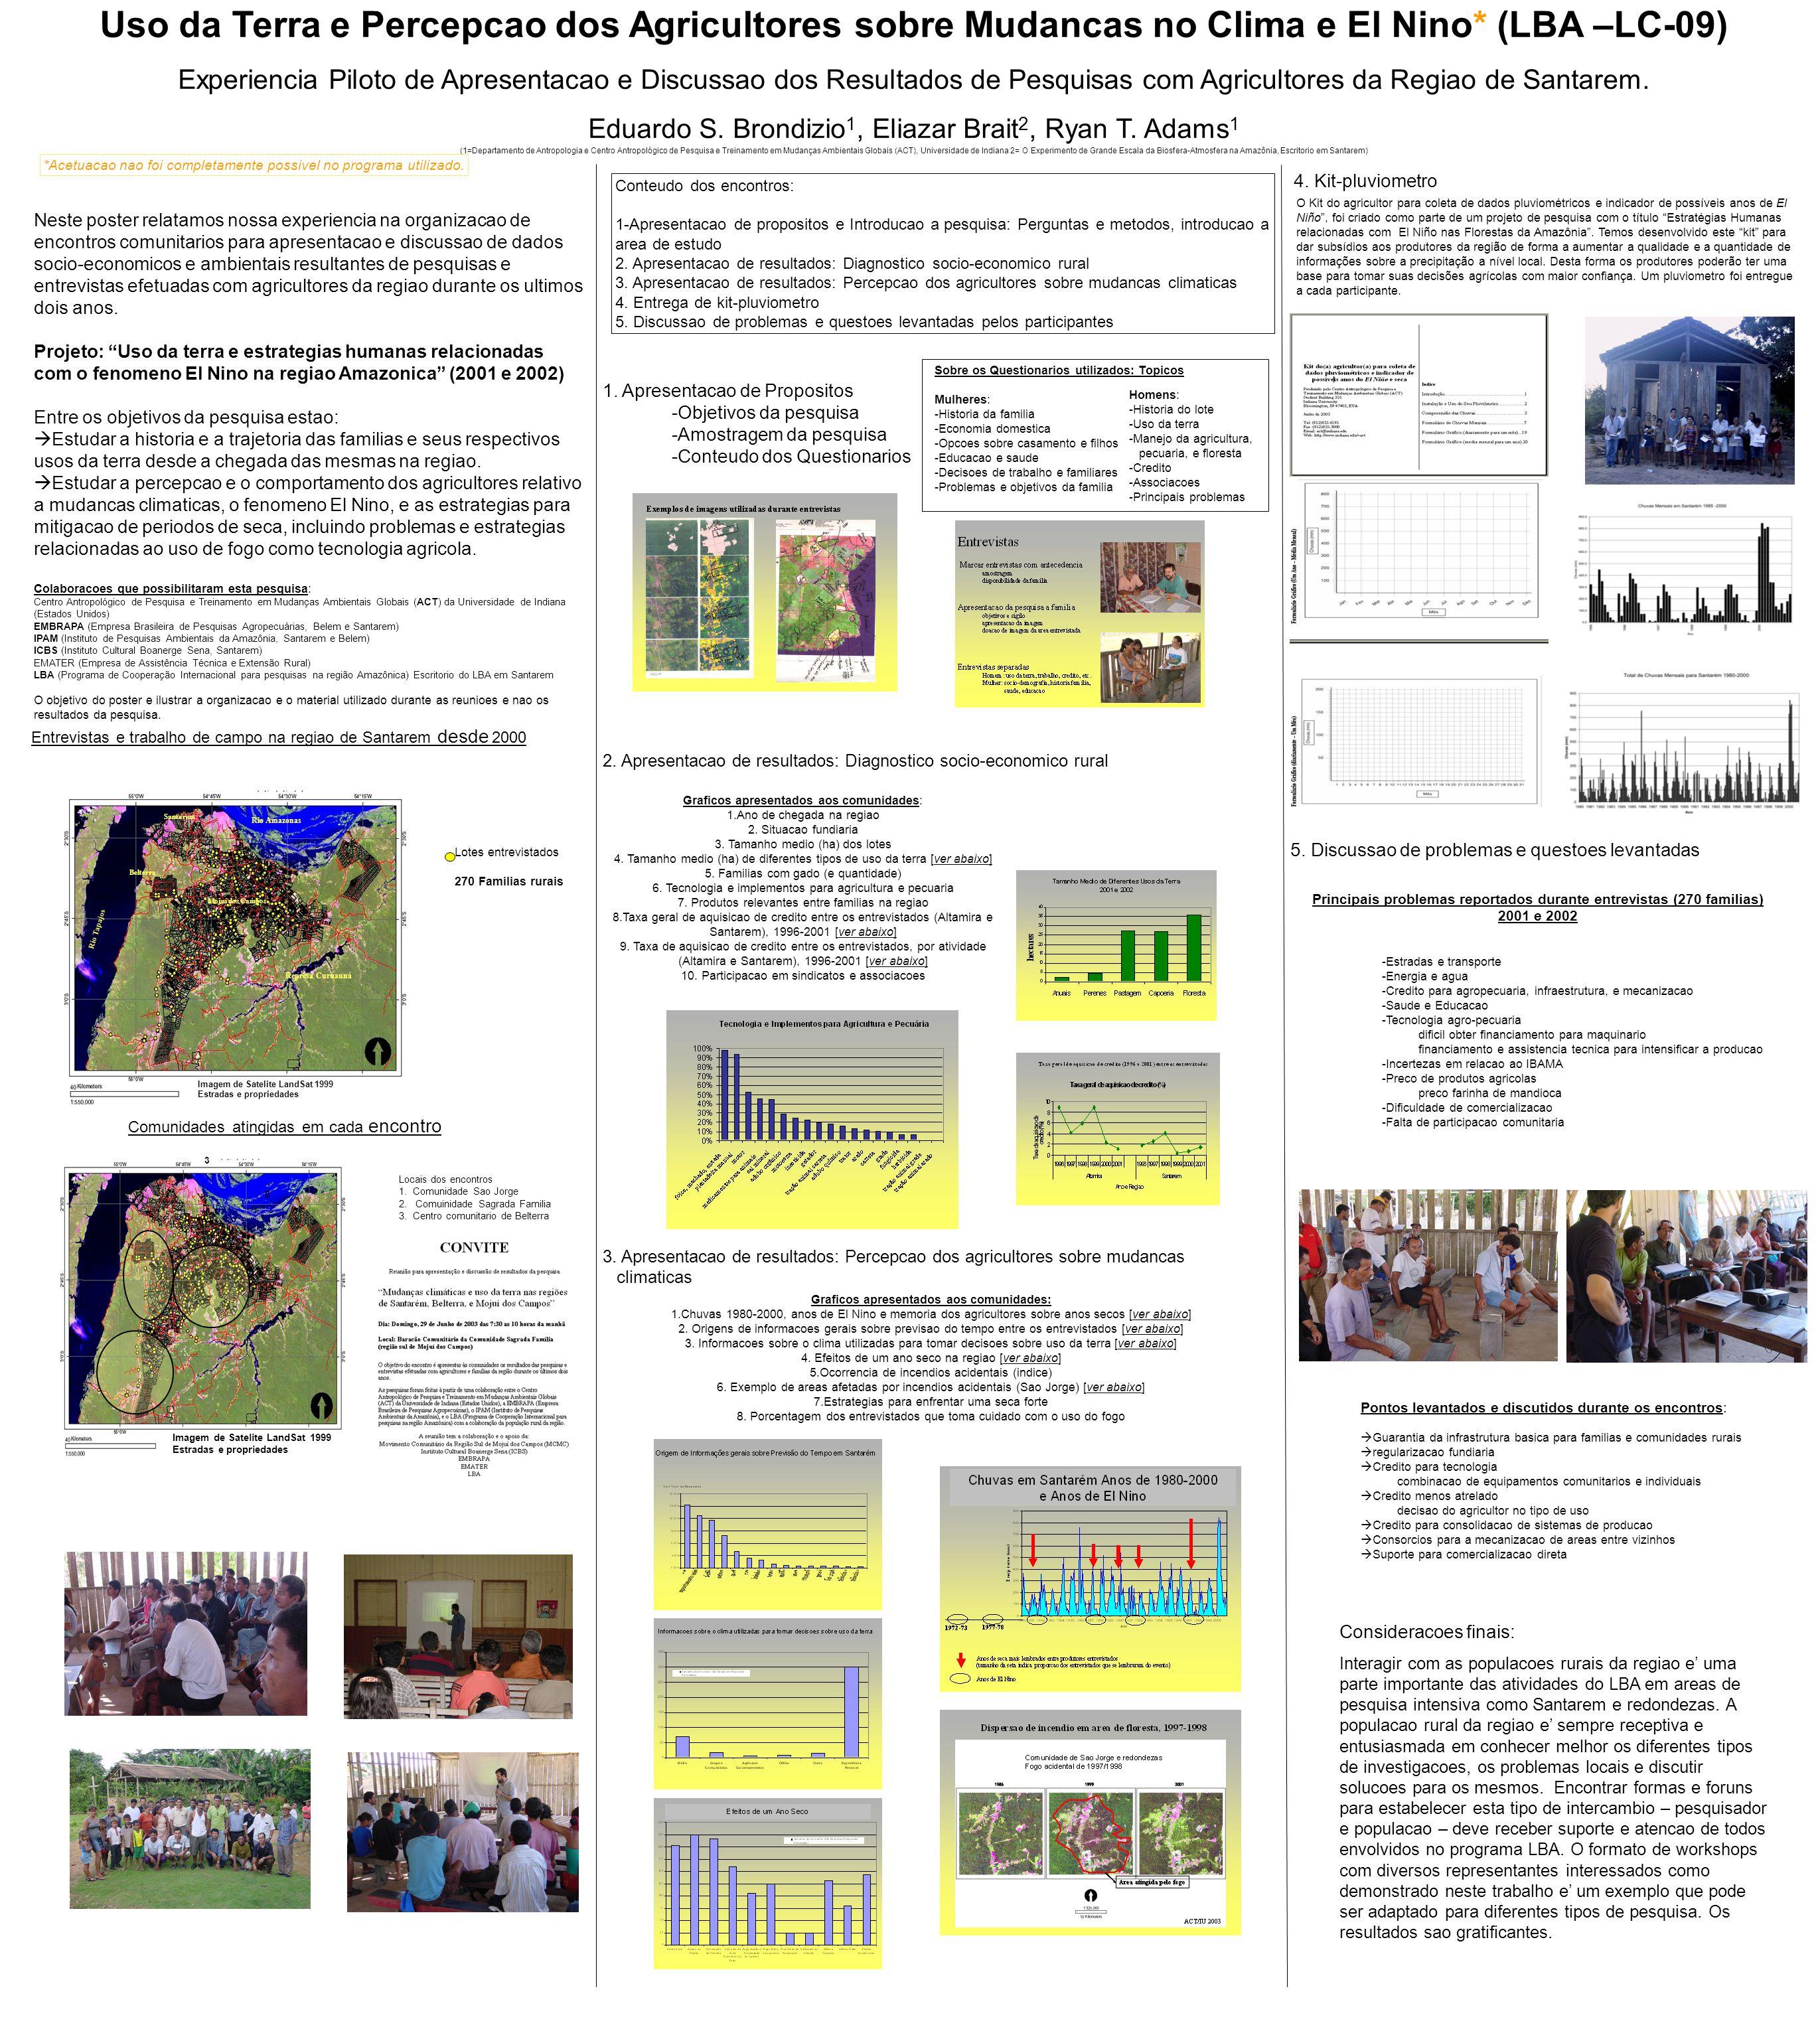 Neste poster relatamos nossa experiencia na organizacao de encontros comunitarios para apresentacao e discussao de dados socio-economicos e ambientais